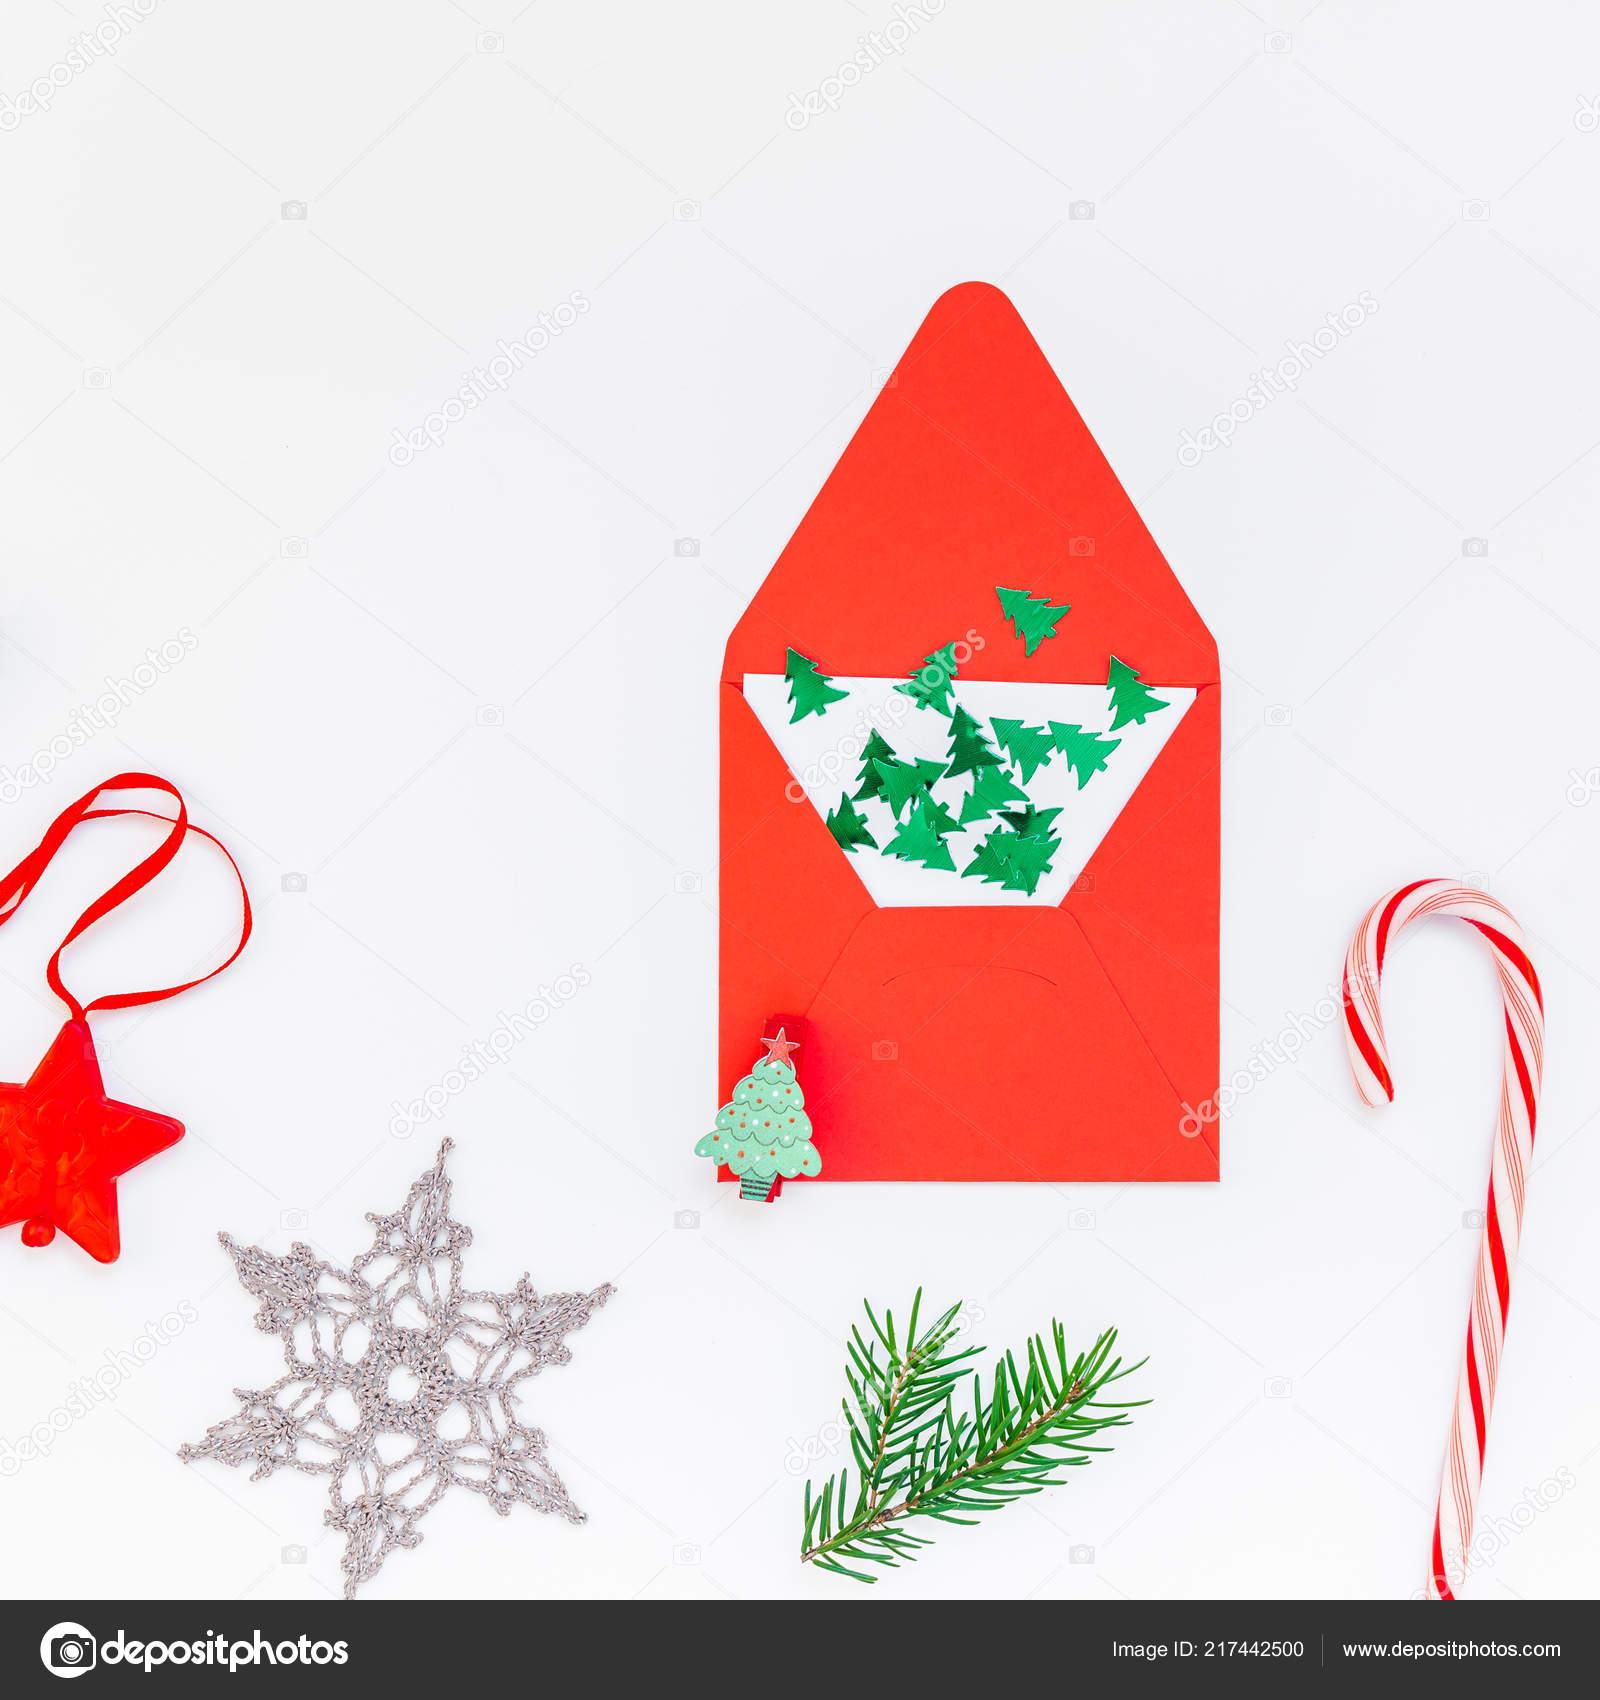 Neues Jahr Weihnachten Xmas 2019 Urlaub Feier Muster Brief Grüne